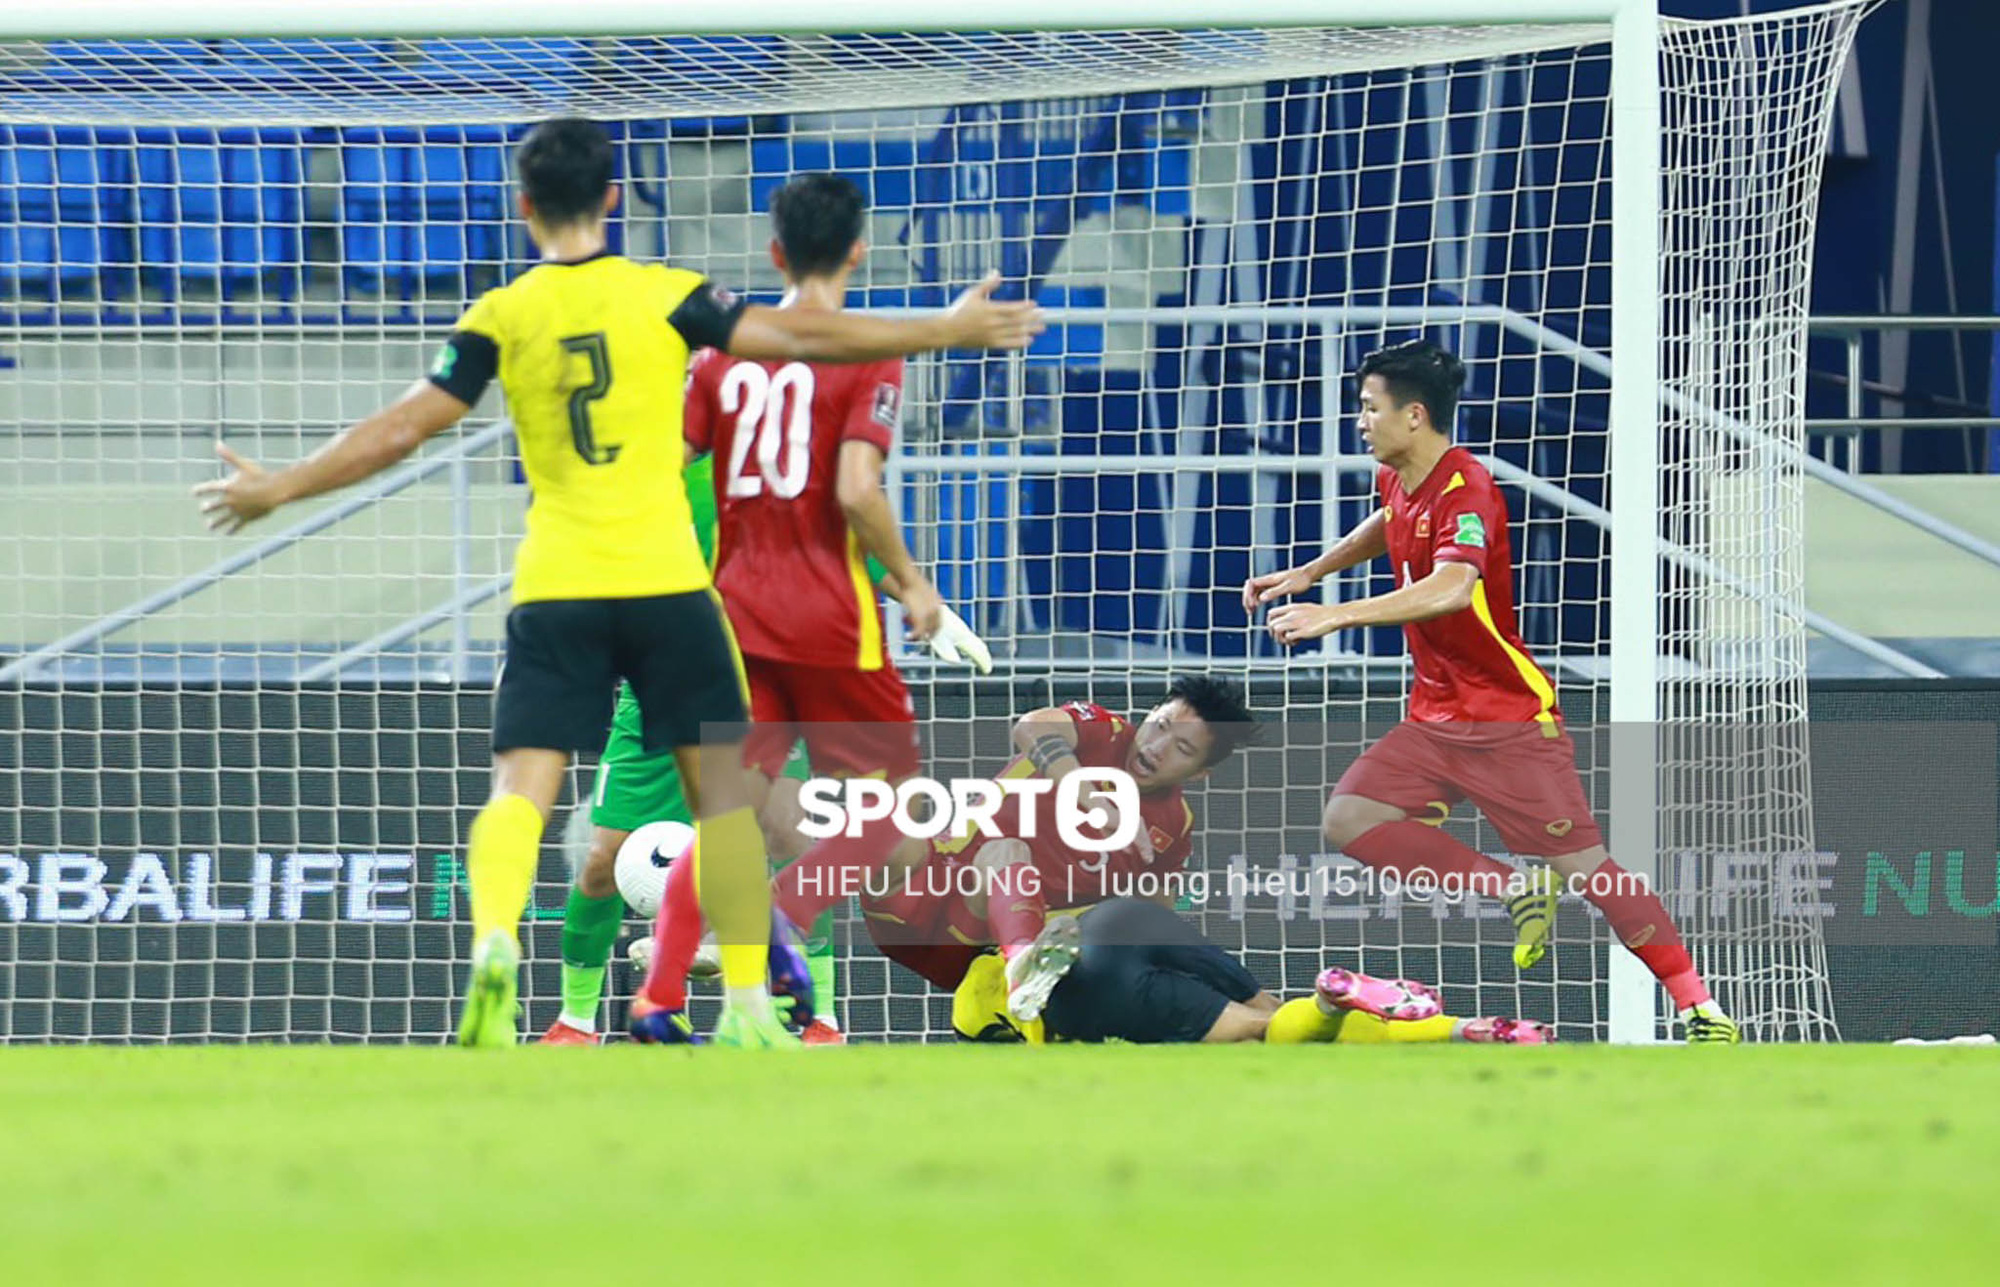 Tình huống Văn Hậu phạm lỗi khiến tuyển Việt Nam nhận bàn thua trước Malaysia - Ảnh 5.